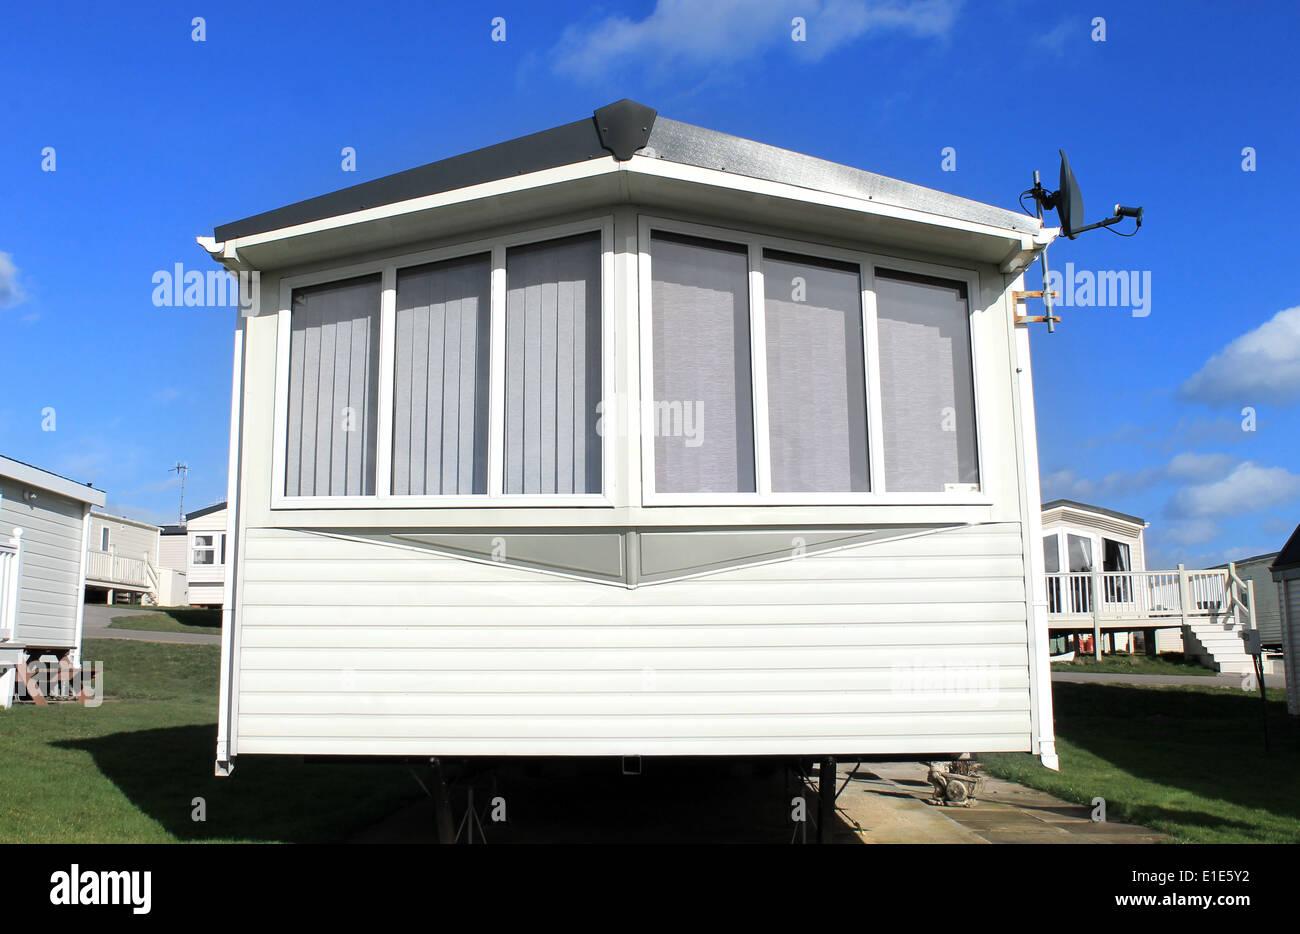 Libre d'une caravane avec une antenne satellite dans trailer park. Banque D'Images